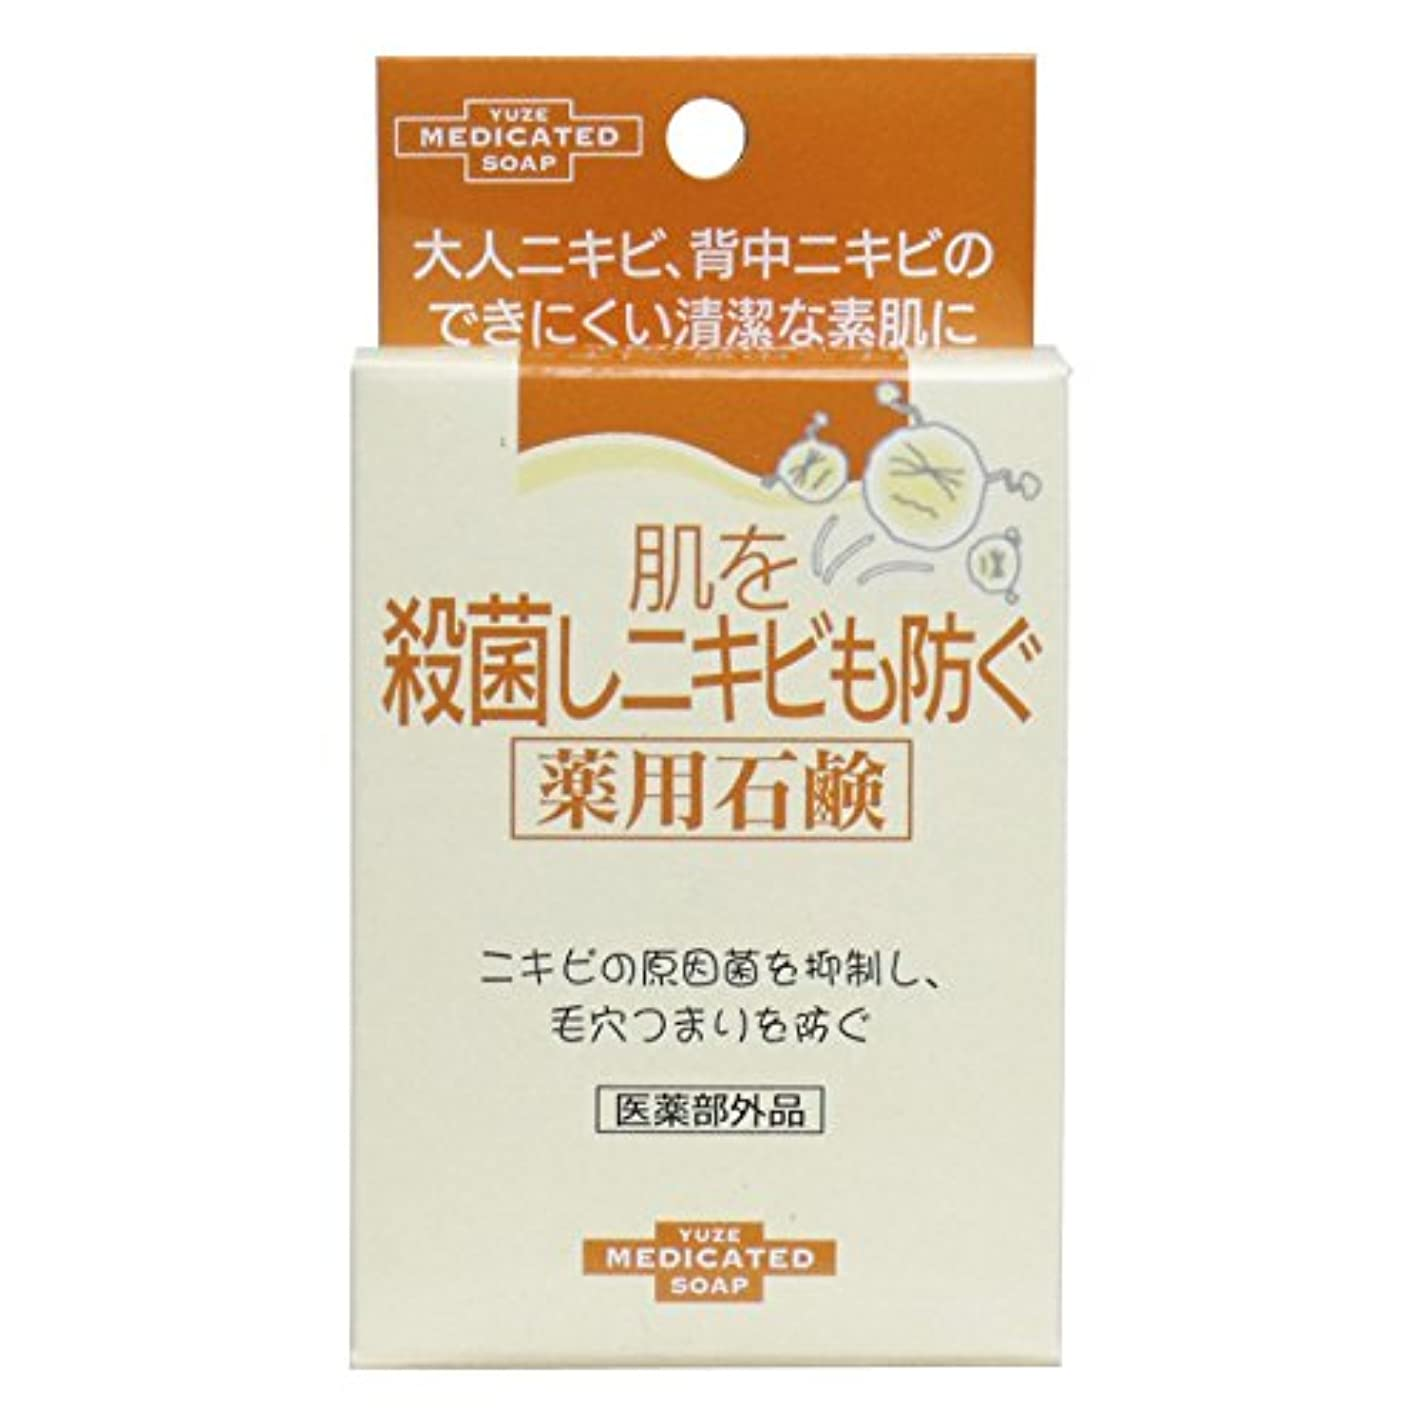 ブラウスペナルティ準備したユゼ 肌を殺菌しニキビも防ぐ薬用石鹸 (110g)